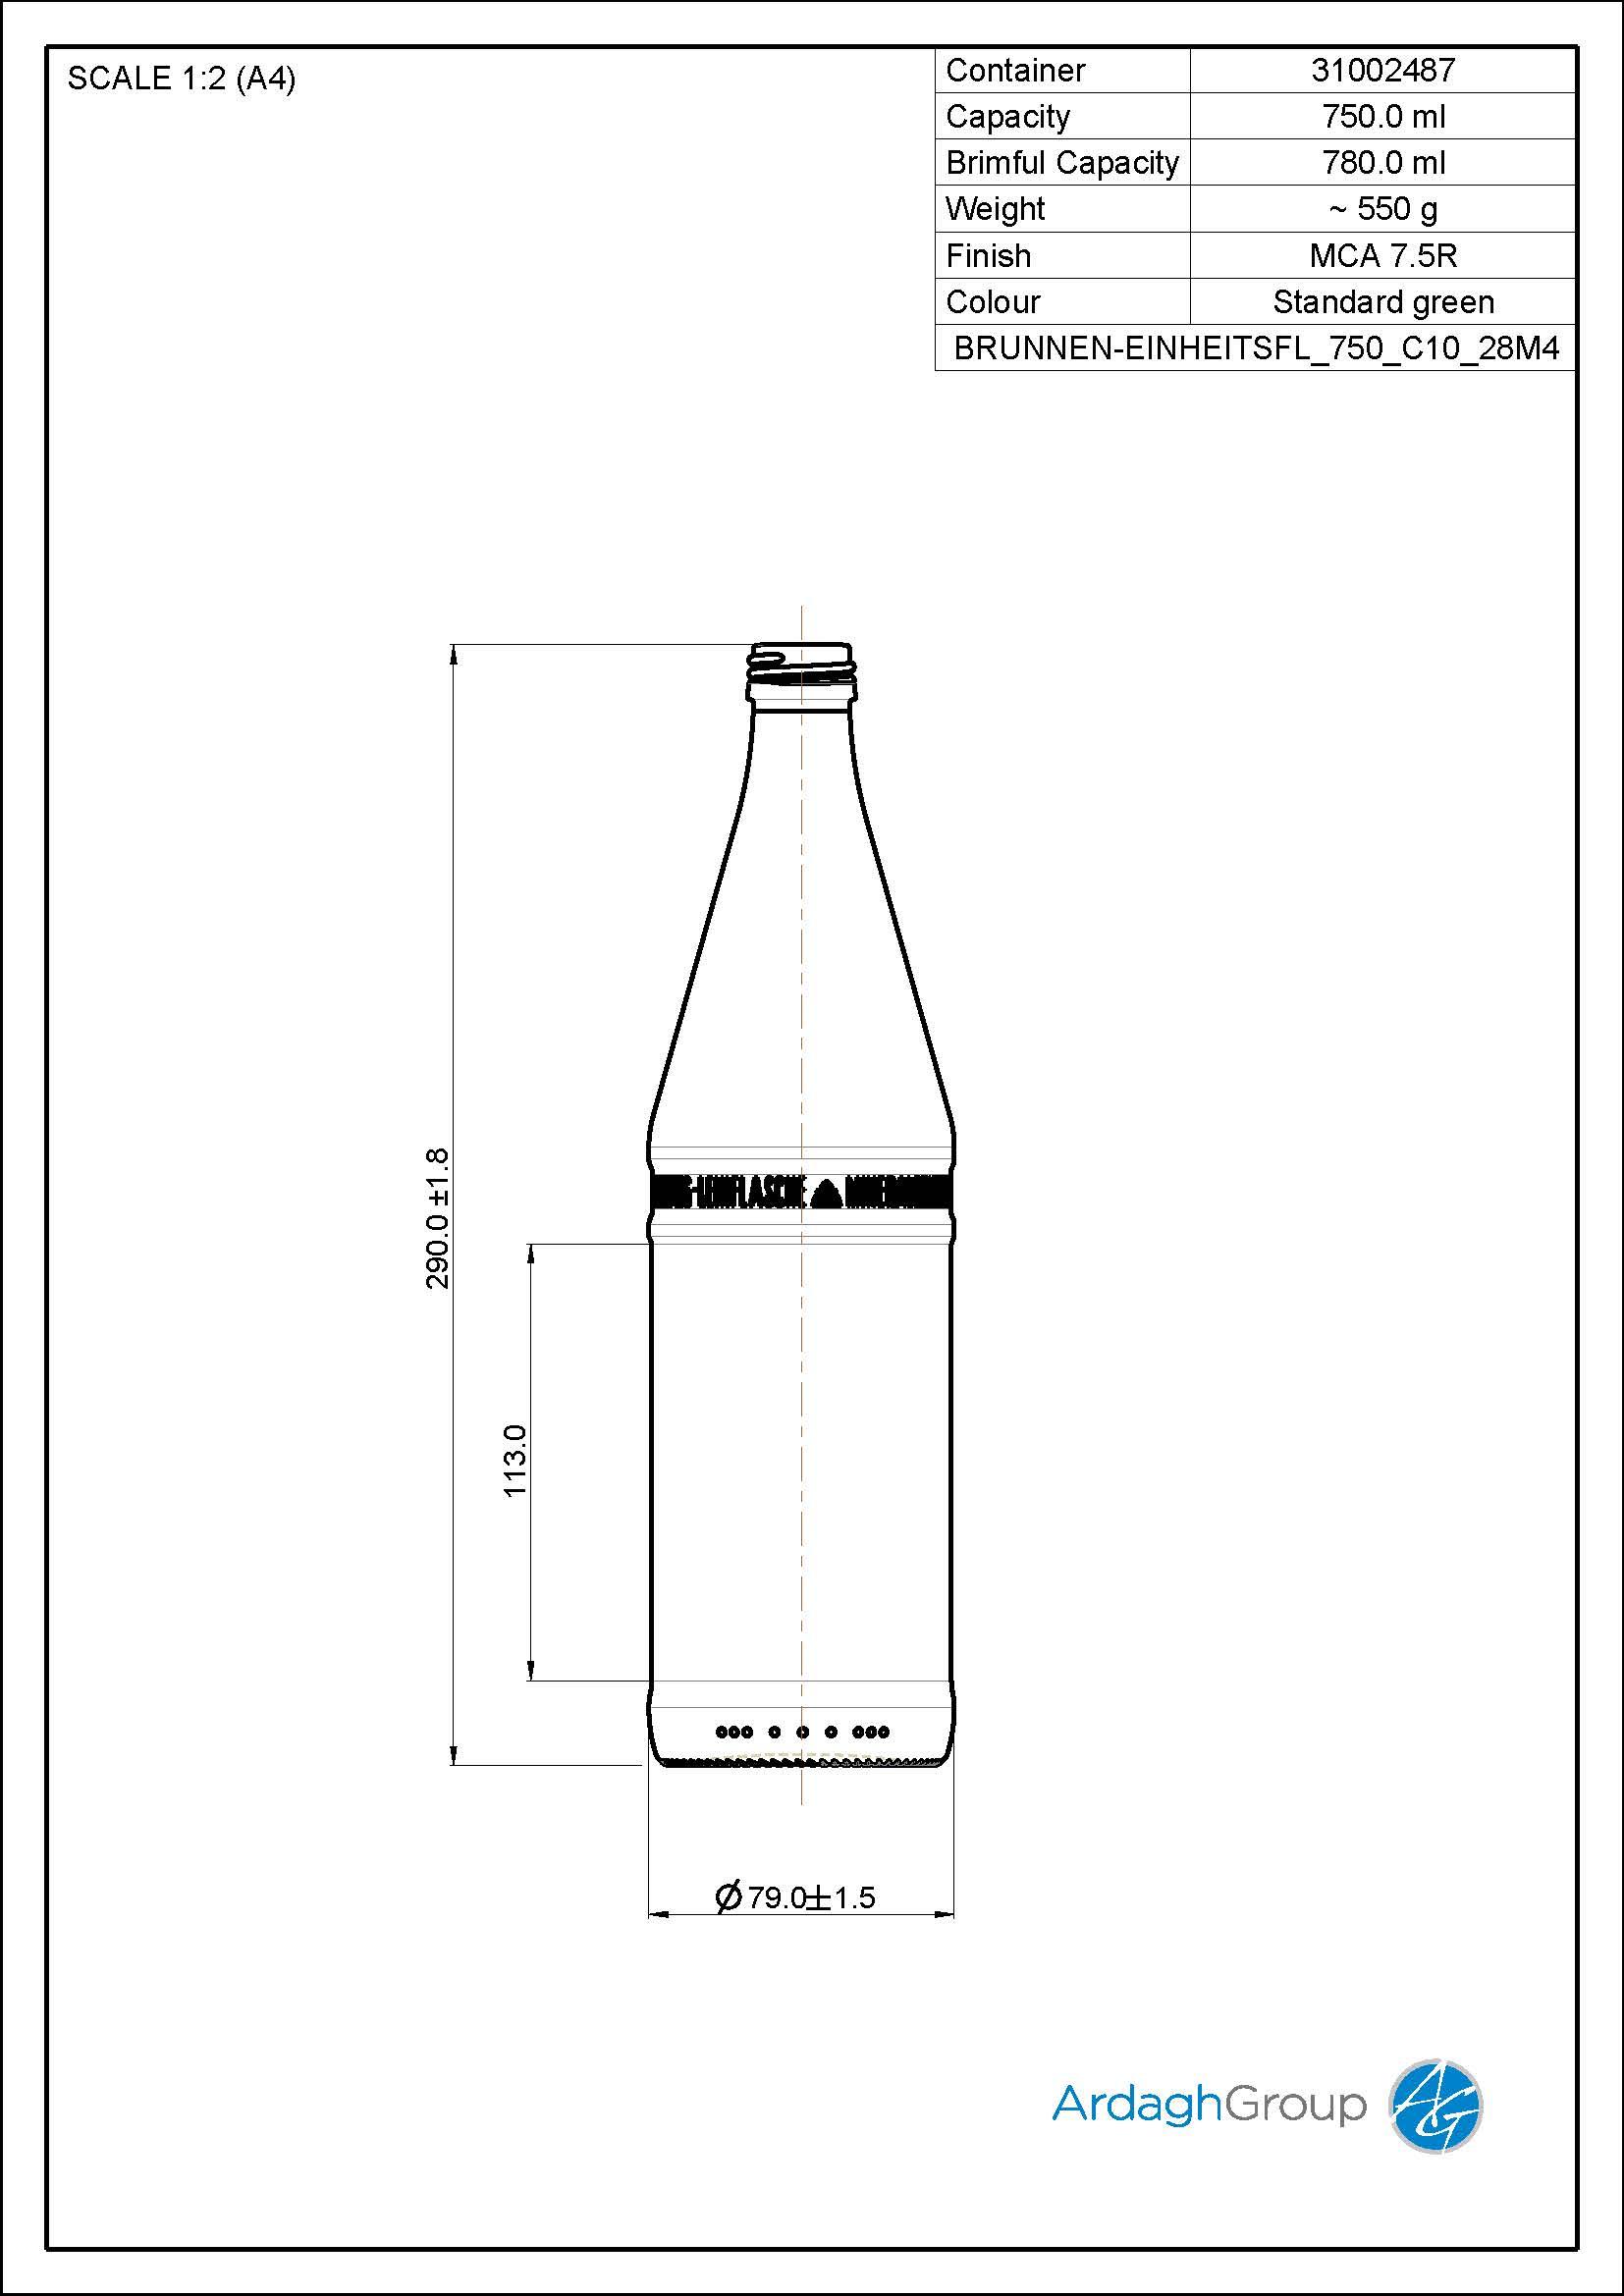 Brunnen-Einheitsfl._750_C10_28M4